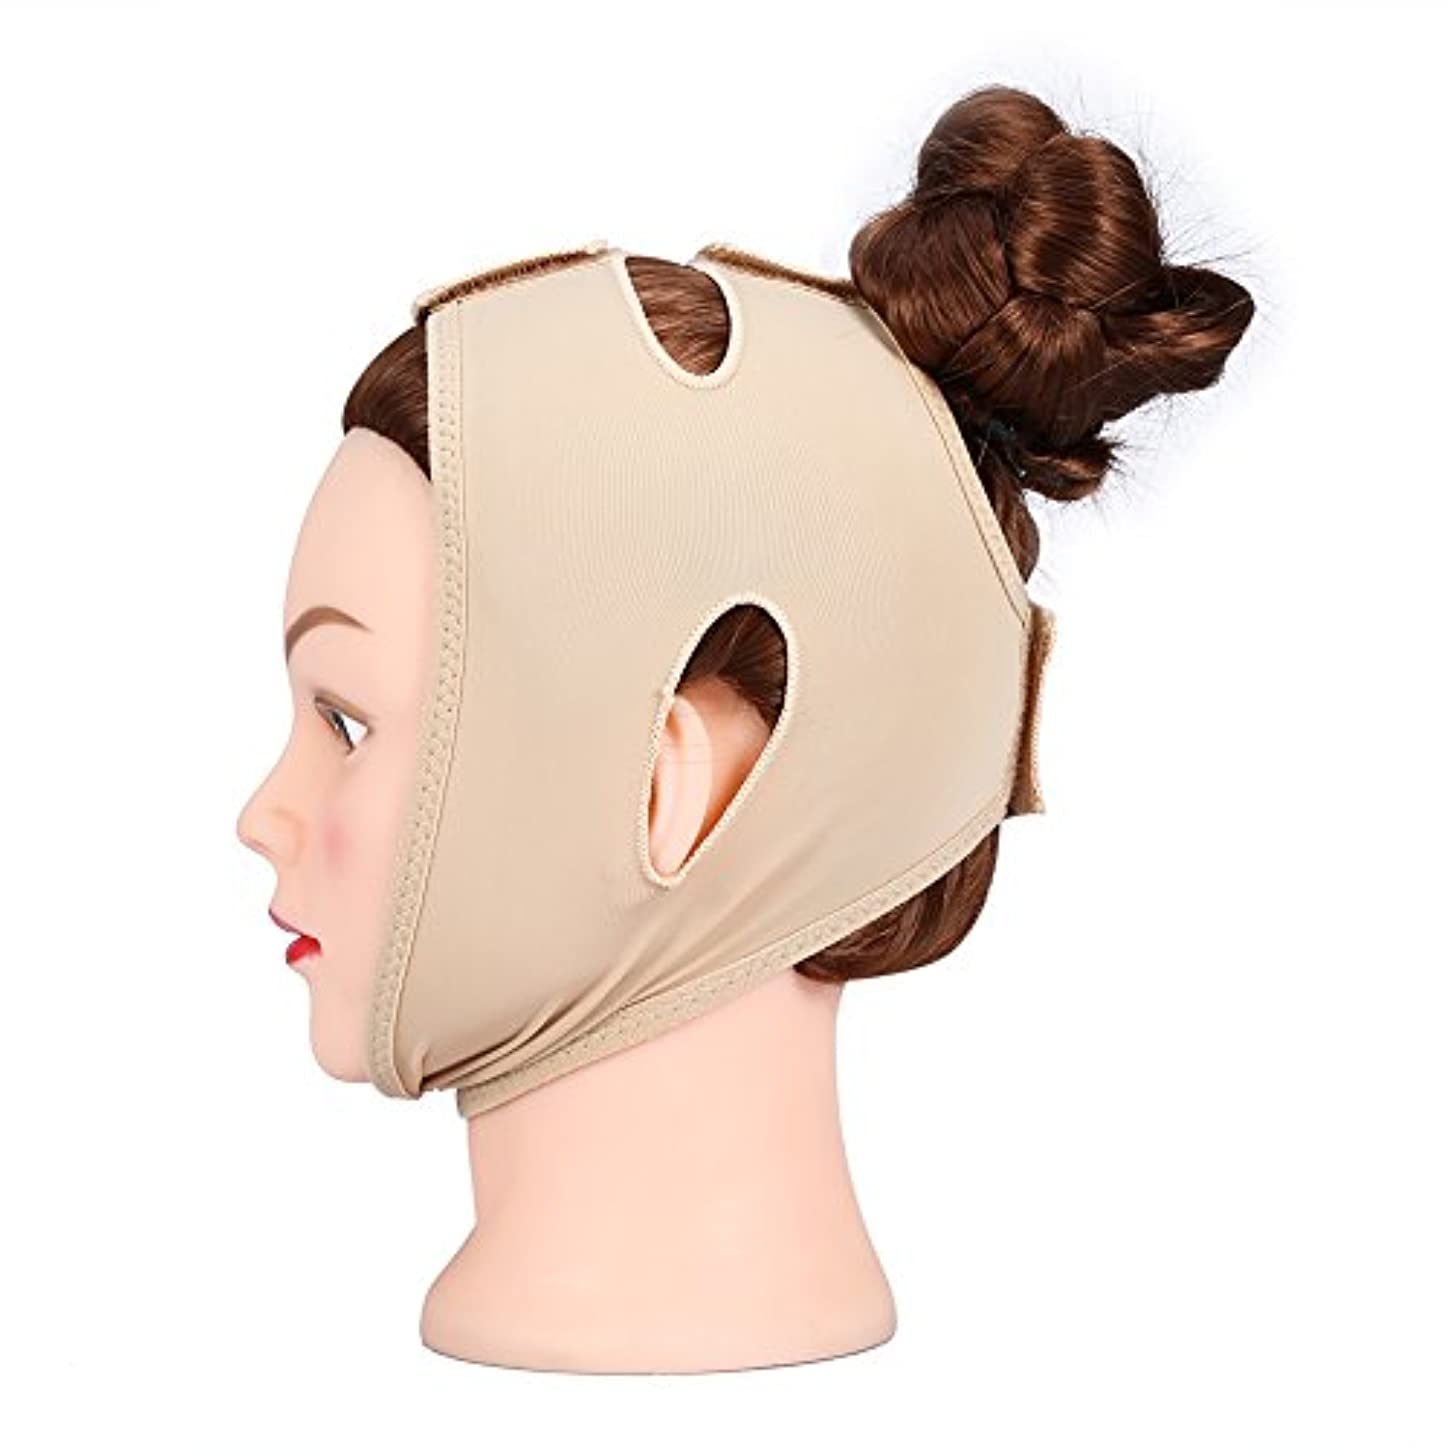 抵抗する夢法廷痩身フェイスバンド、痩身フェイスマスク、フェイスリフトマスク、睡眠首マスク、二重あご包帯を減らす(M)